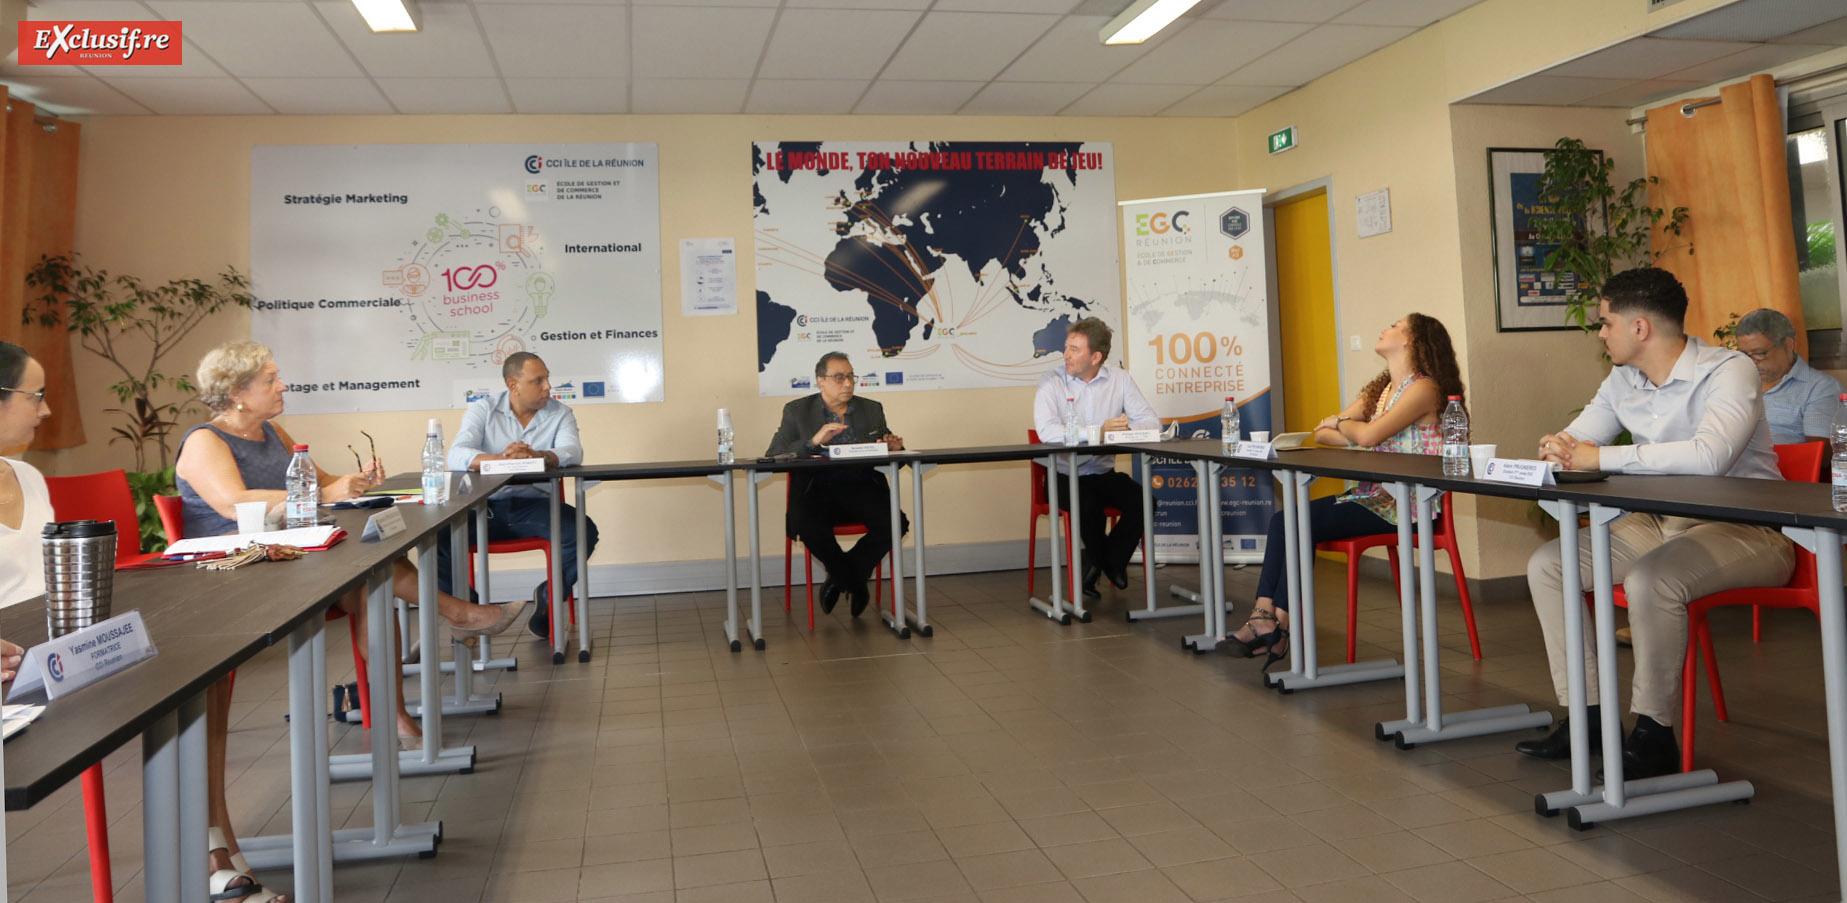 La conférence de présentation de ce projet a eu lieu à l'EGC